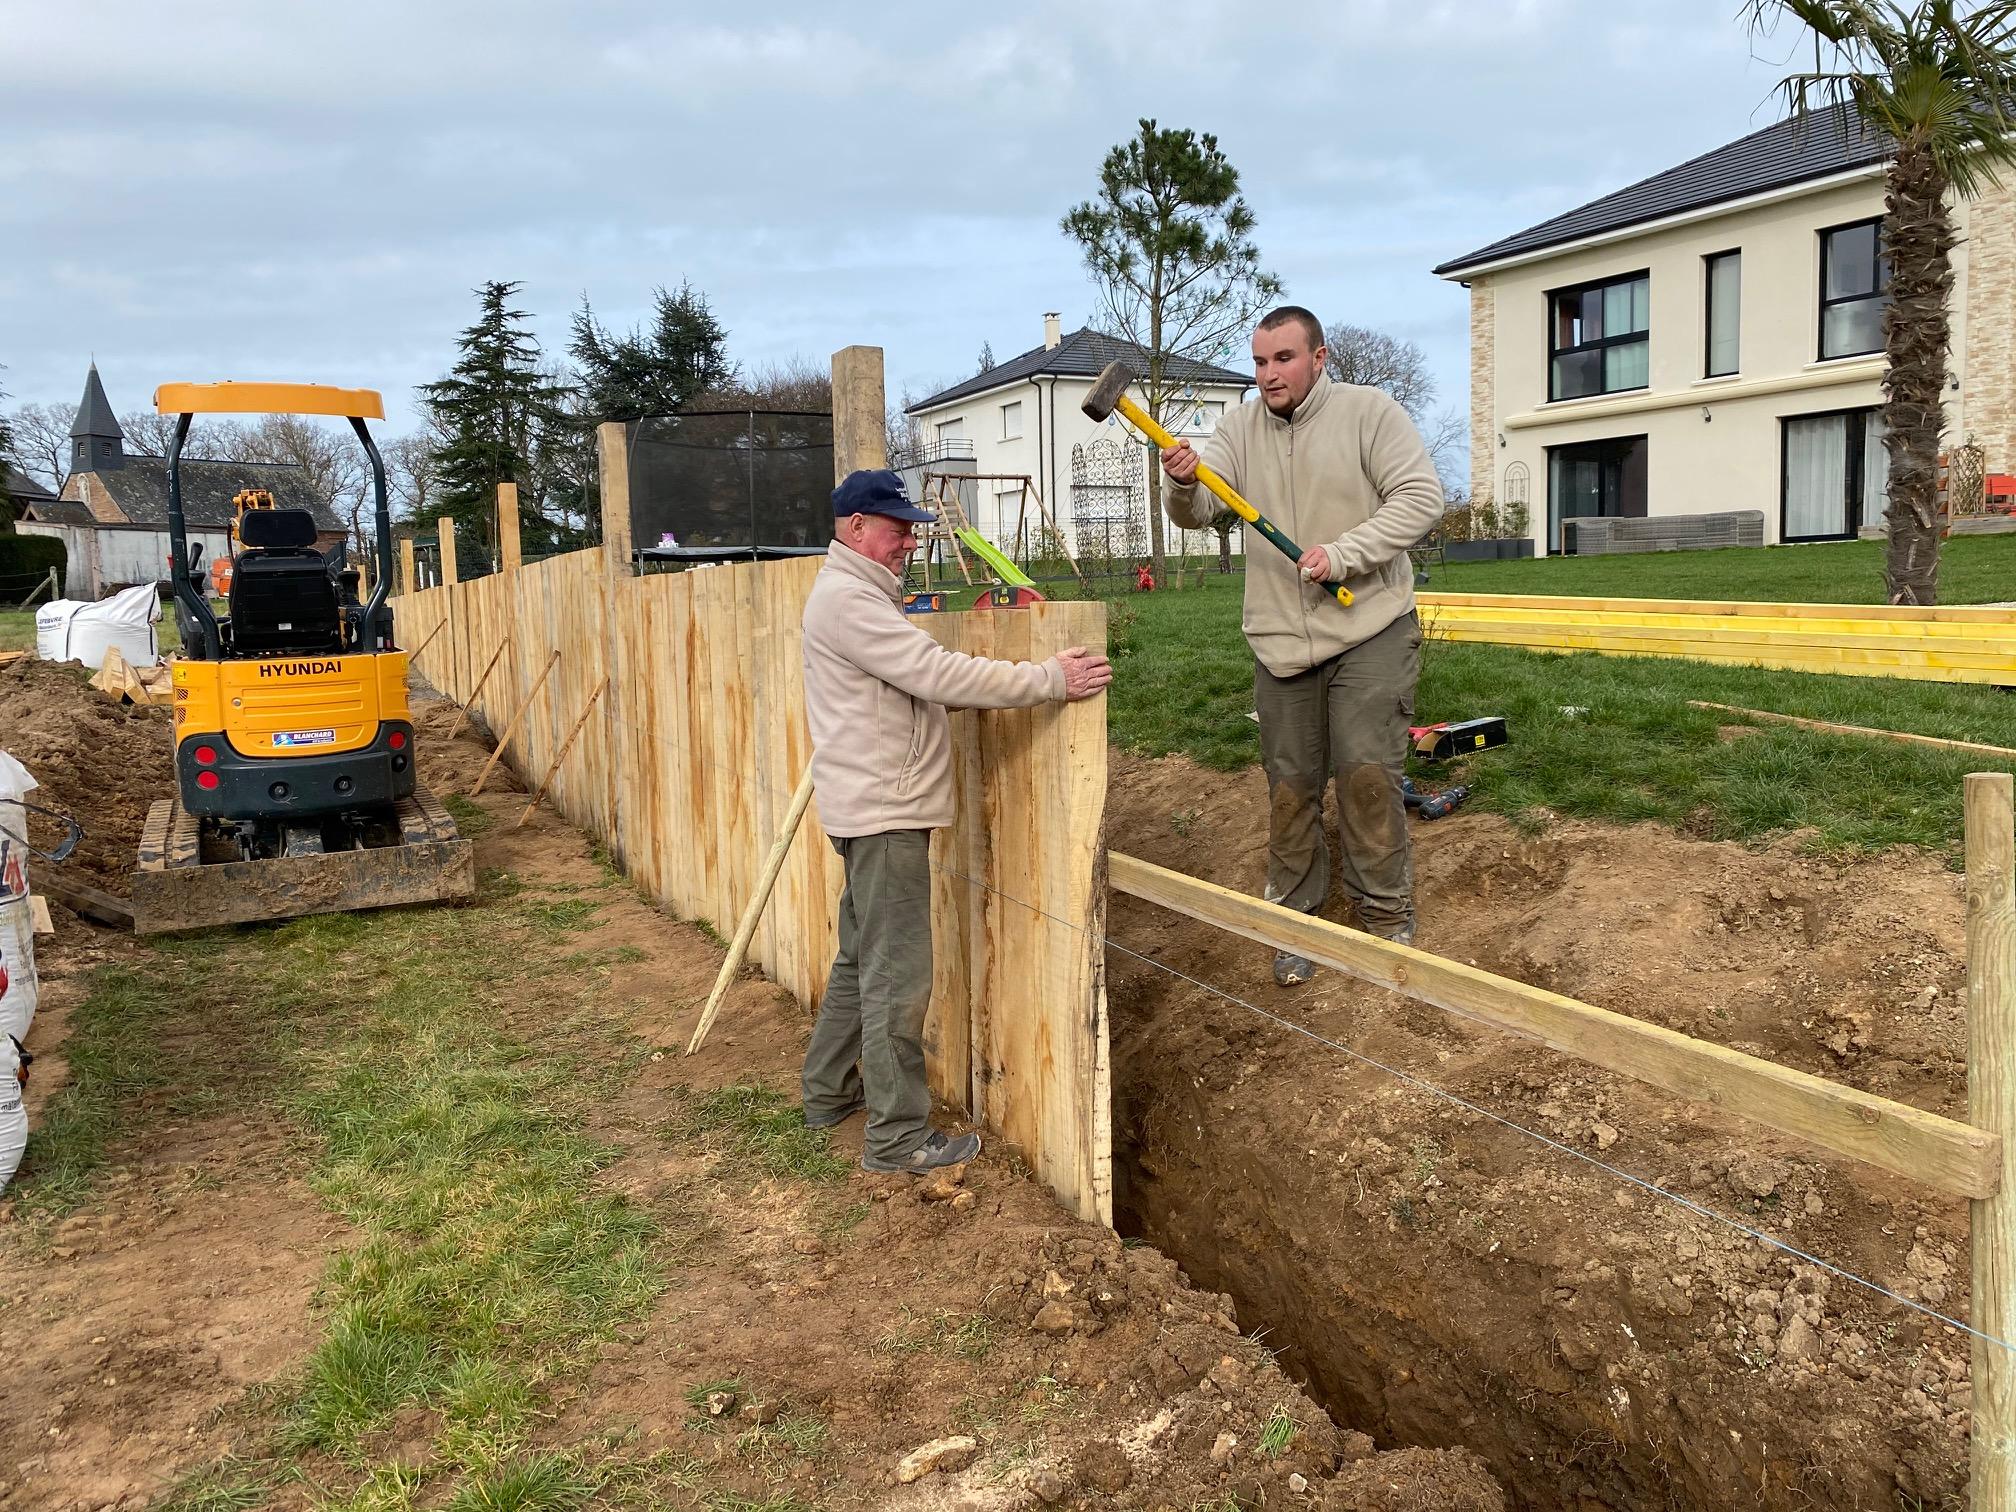 Réalisation d'une clôture de jardin en bois